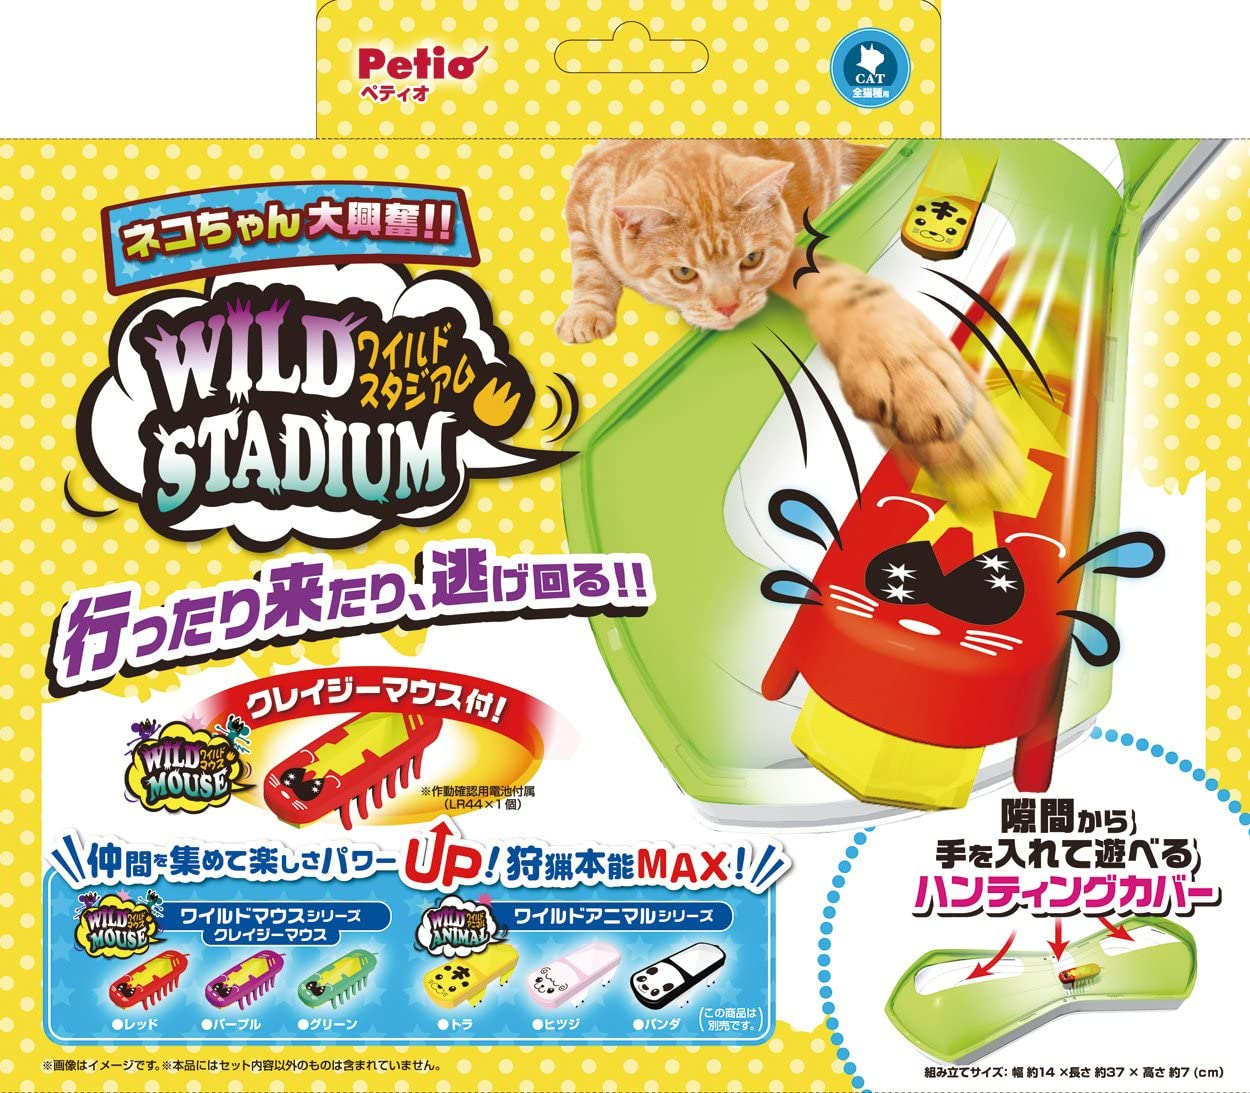 Amazon | ペティオ (Petio) 猫用おもちゃ ワイルドスタジアム 1個 (x 1) | ペティオ (Petio) | ネズミ・ぬいぐるみ 通販